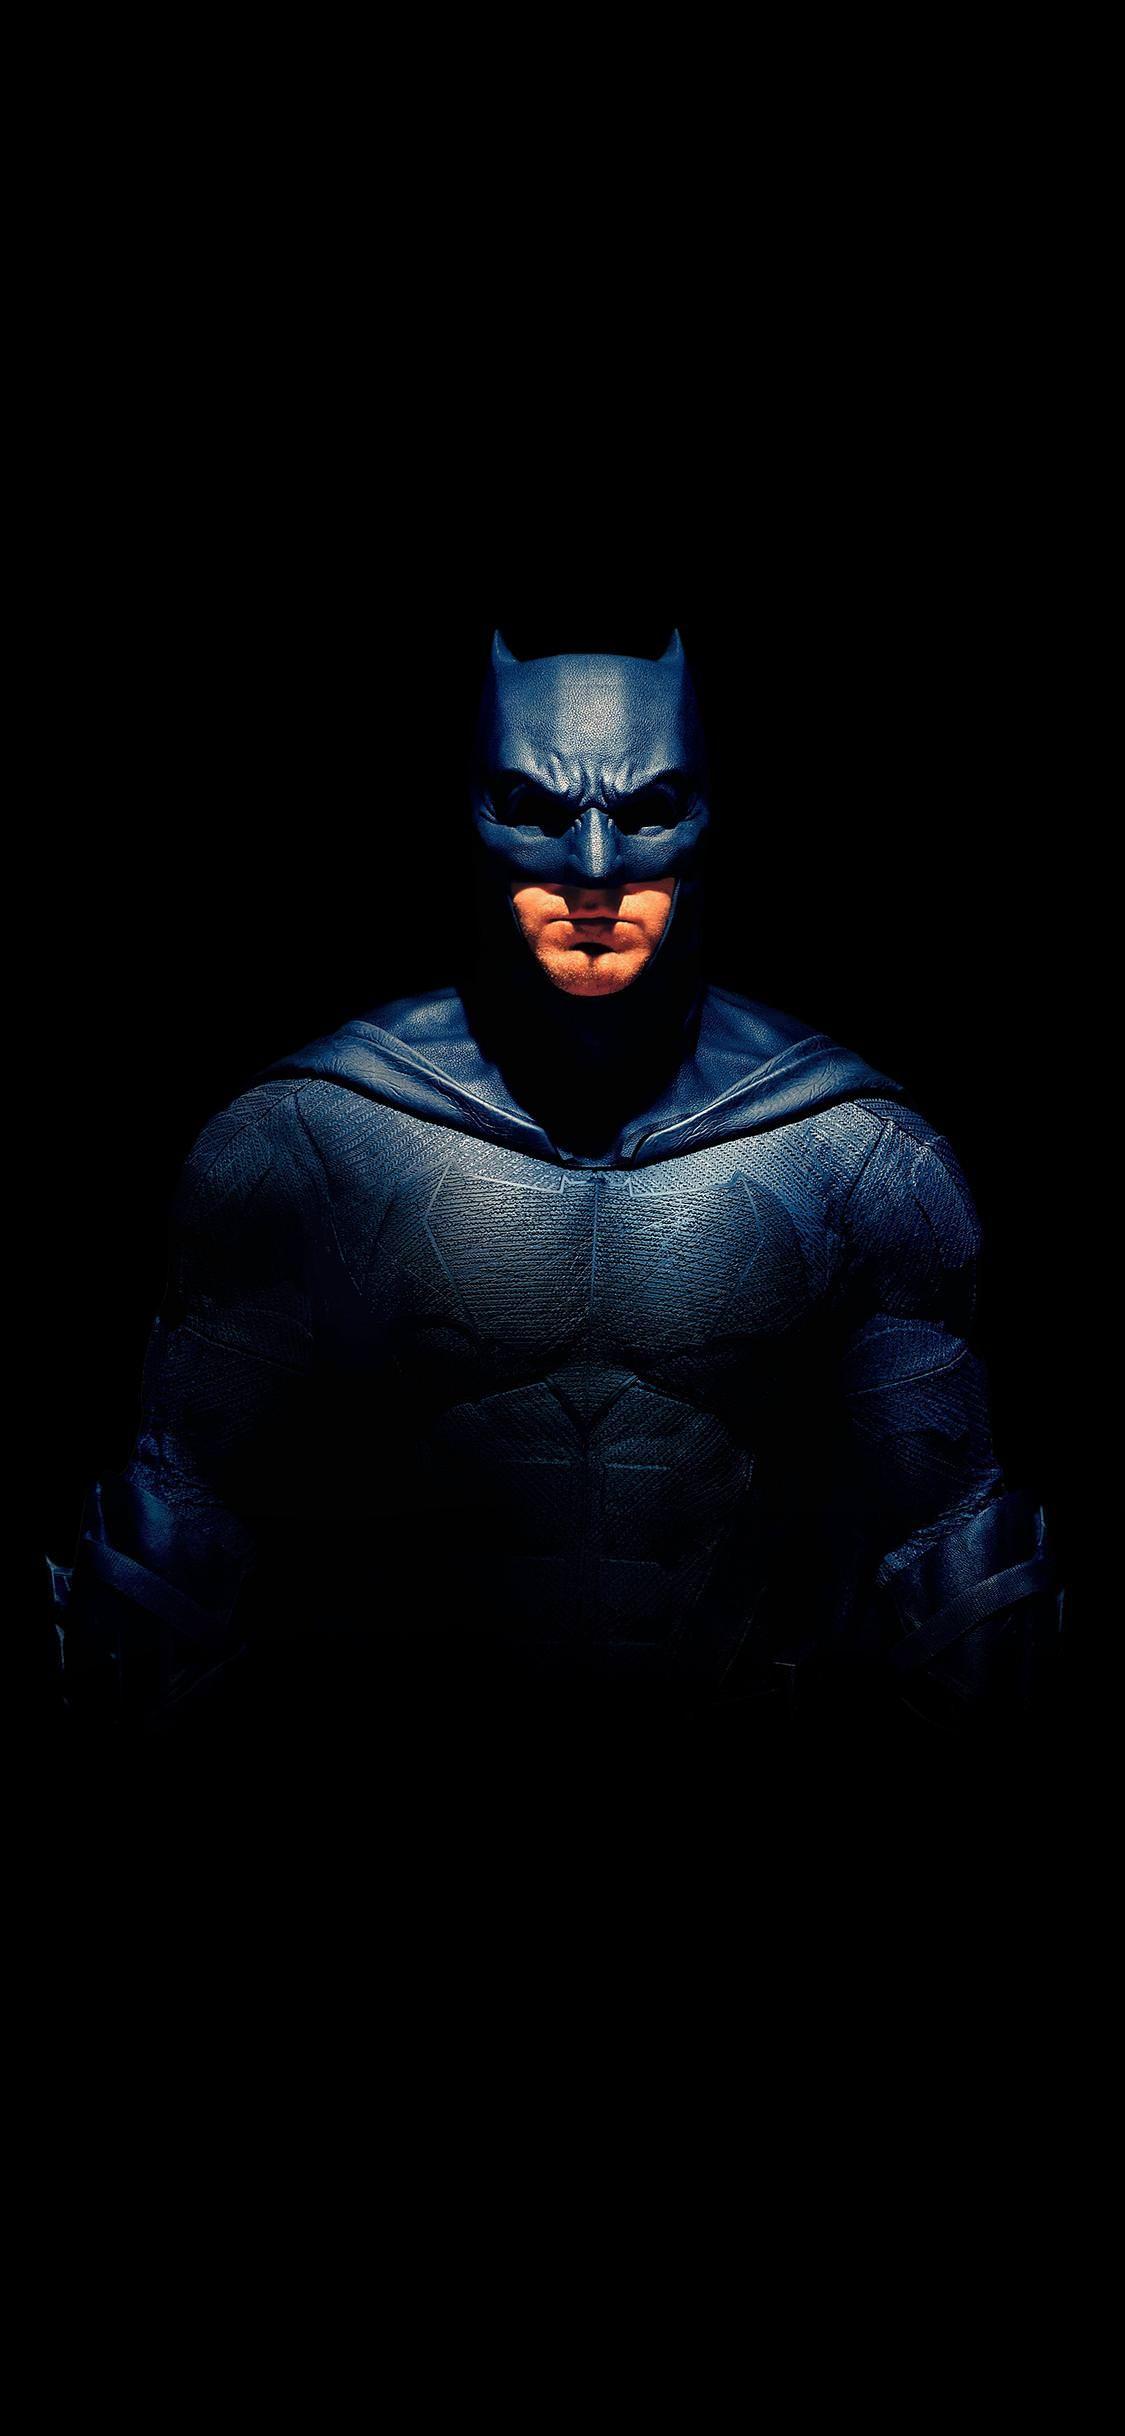 Batman Justice League Leader Mobile Iphone X Batman Wallpaper Iphone Batman Wallpaper Batman